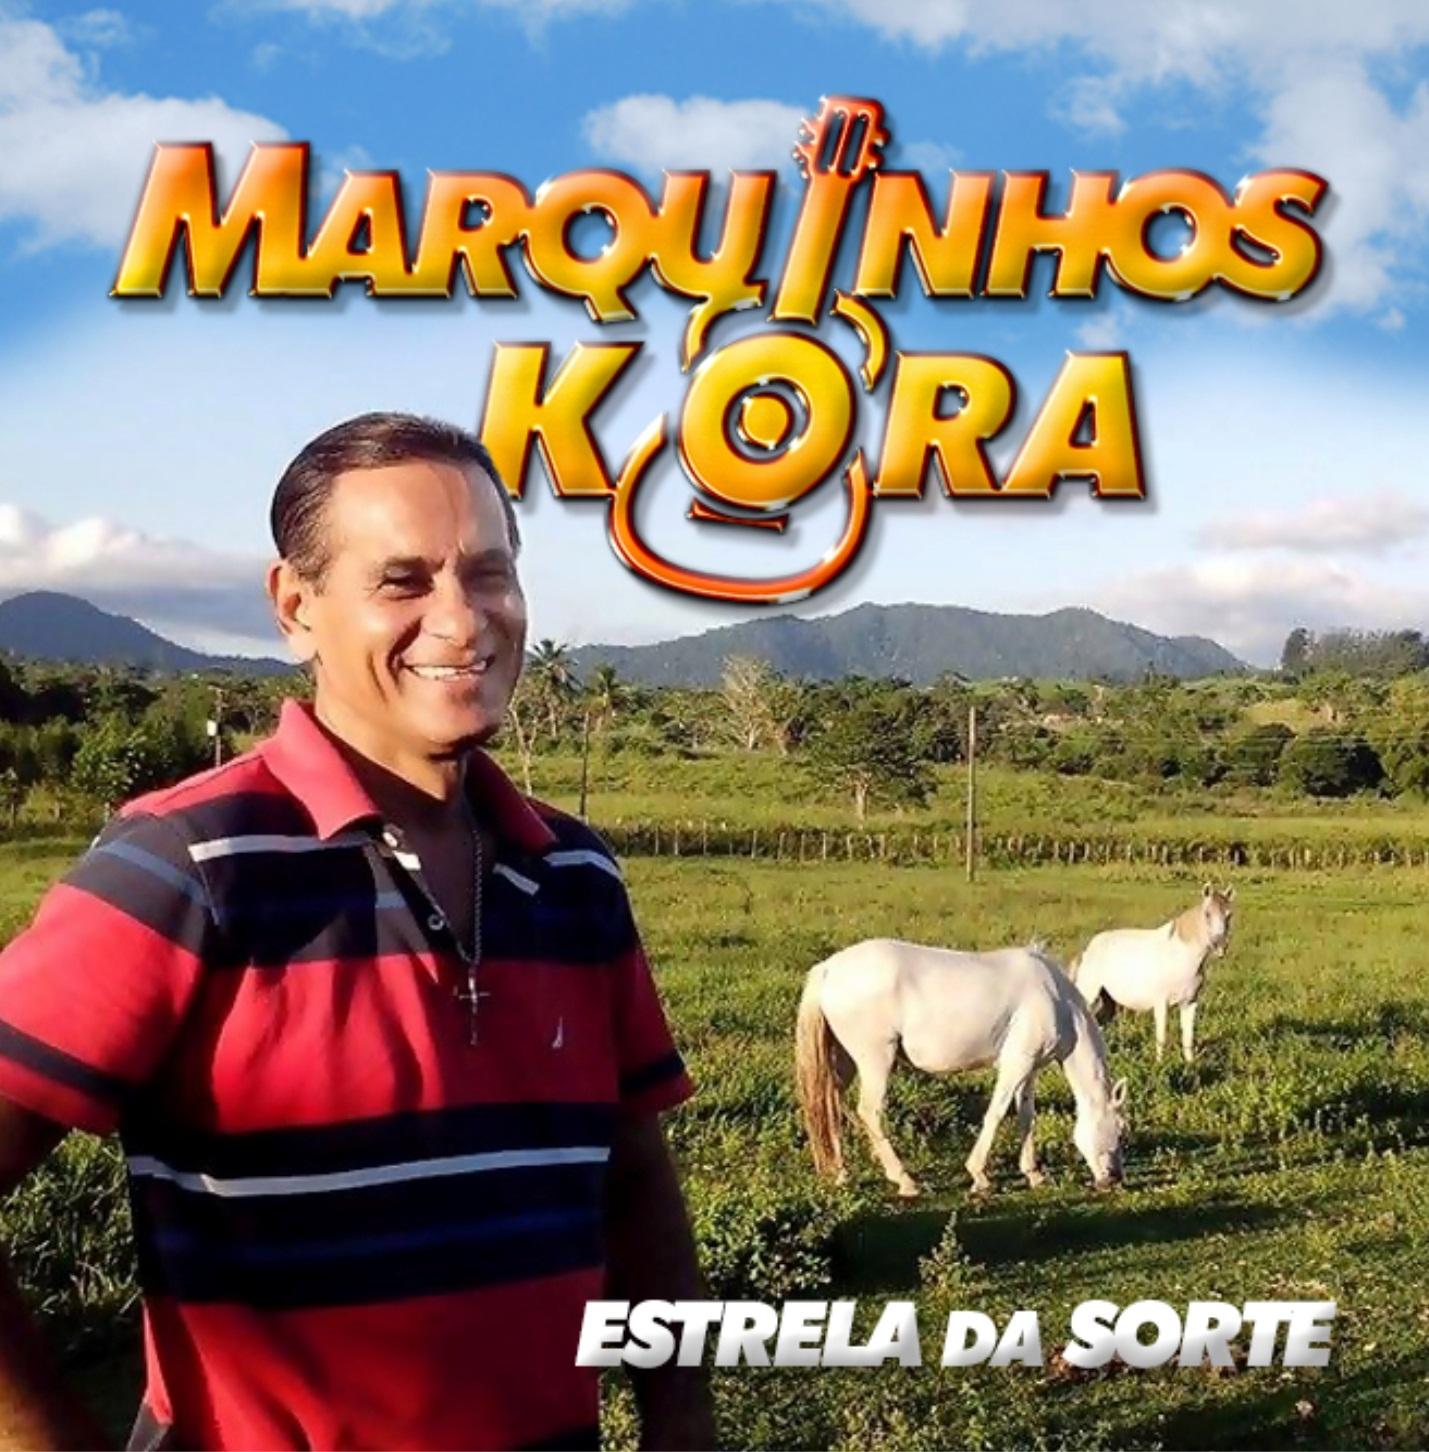 Cantor Marquinhos Kora